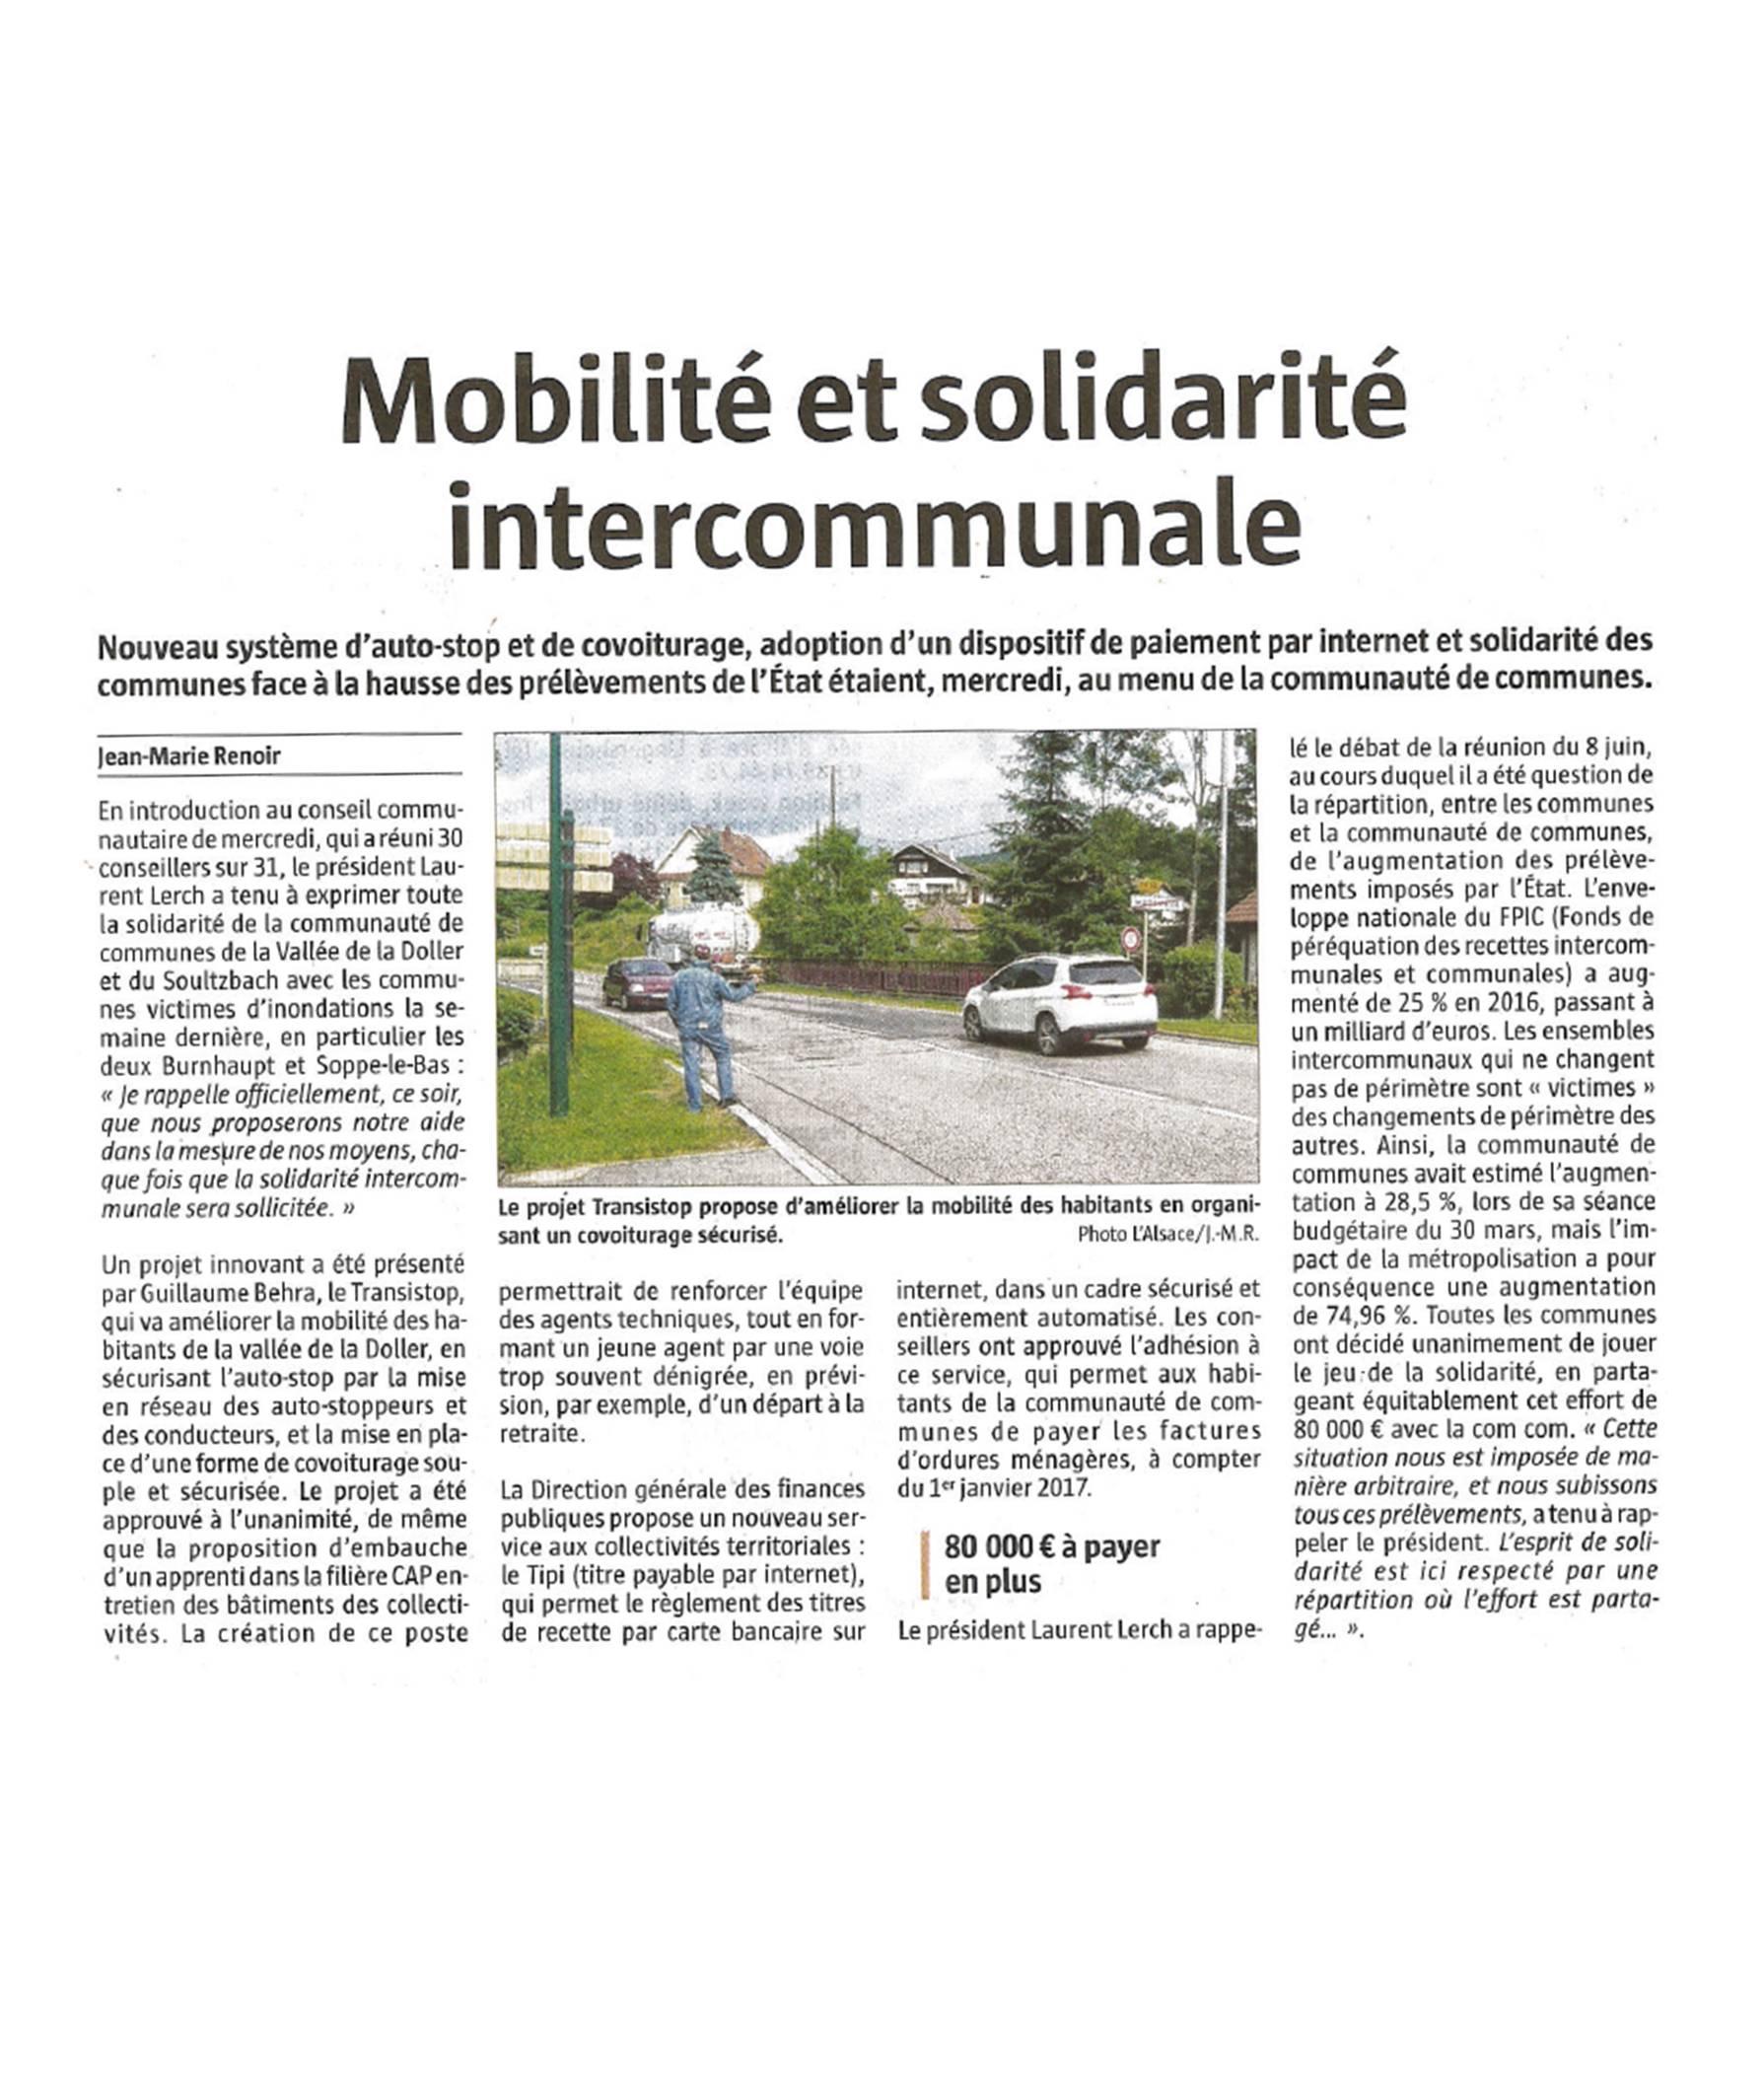 Mobilité et solidarité intercommunale - L'Alsace - 02-07-2016